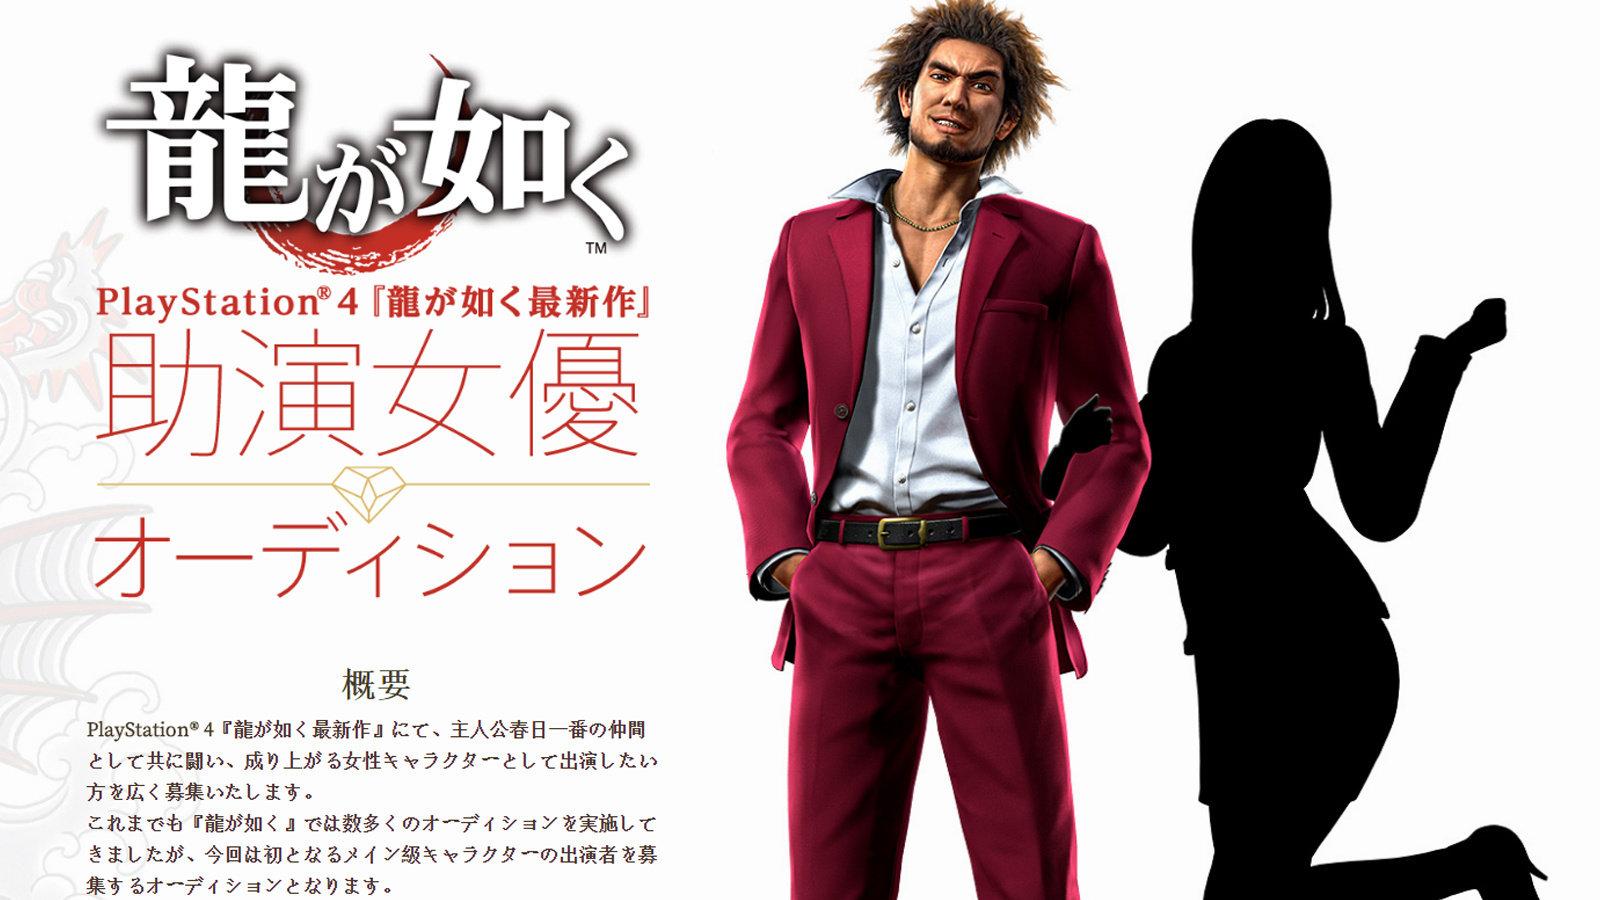 PS4《如龙》新作要来了,世嘉开始征召女演员,将陪伴在新主角身边一直奋斗!